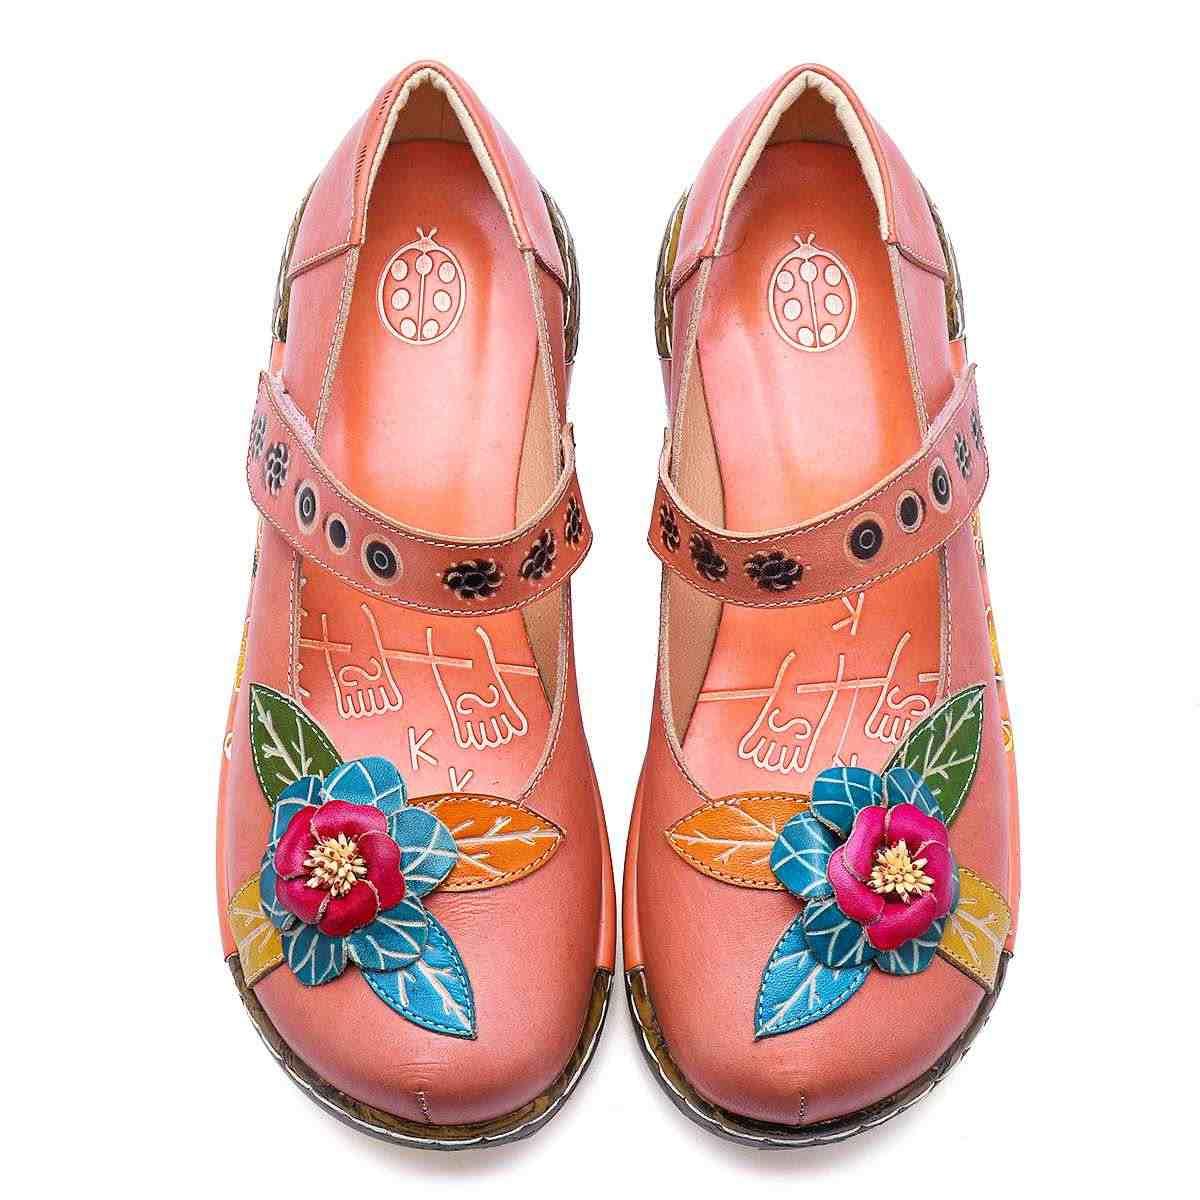 Socofy Bohemian Vintage Phong Cách Nữ Flat Retro Da Thật Chính Hãng Da Xuân Hè Áo Nền Tảng Nữ Giày Nữ Móc & Vòng Lặp Căn Hộ